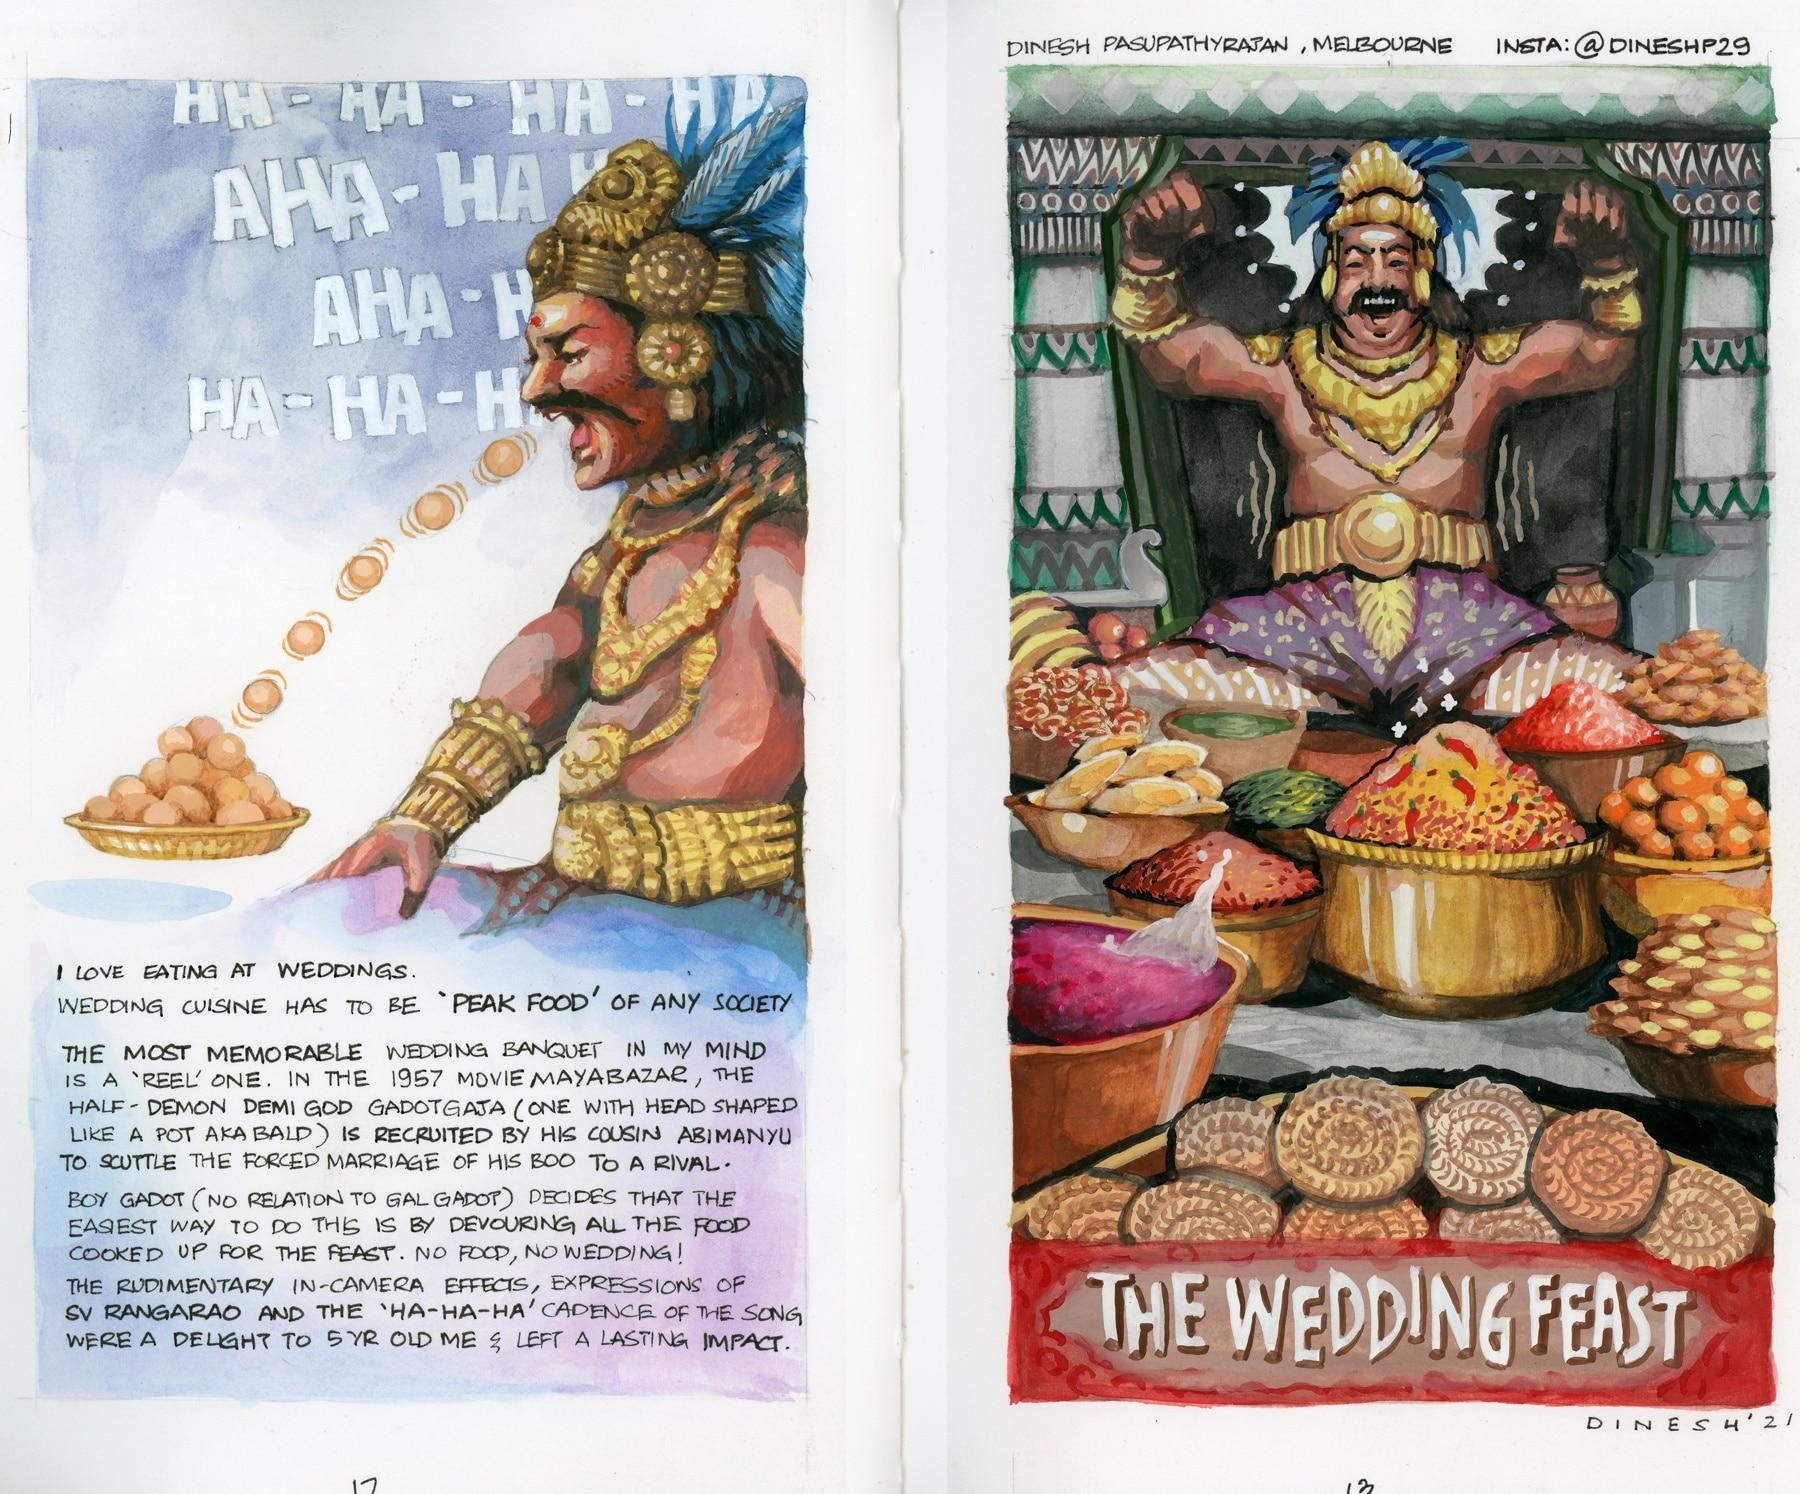 Dinesh P Rajan's most memorable food memory